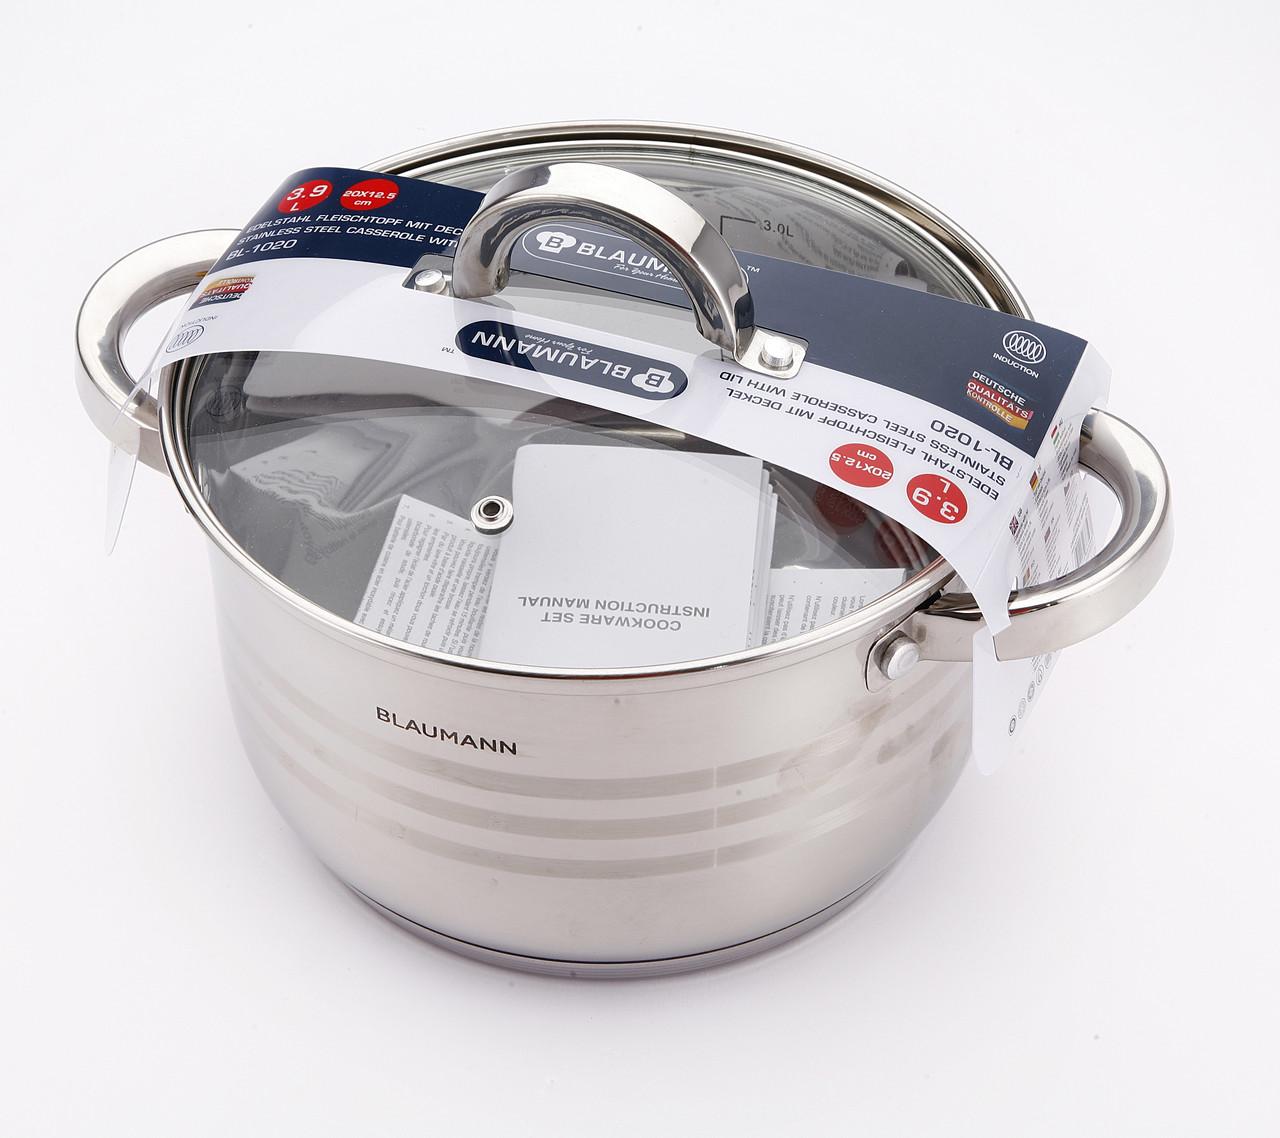 Кастрюля 3,9 л 20 см Blaumann BL-1020 - Mini-Cena - интернет магазин посуды и бытовой техники  в Луцке